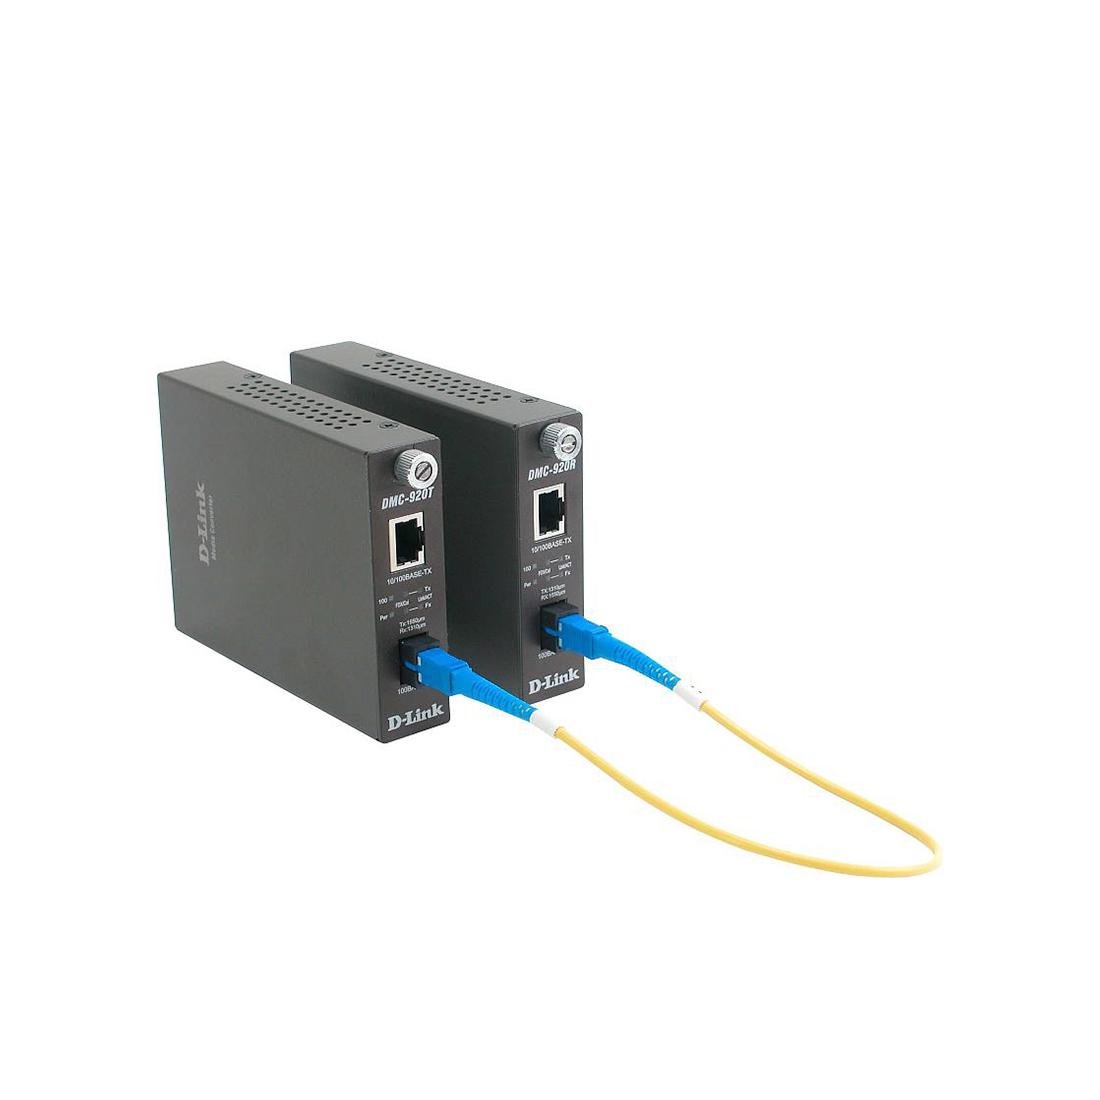 Медиаконвертер D-Link DMC-920T / B10A